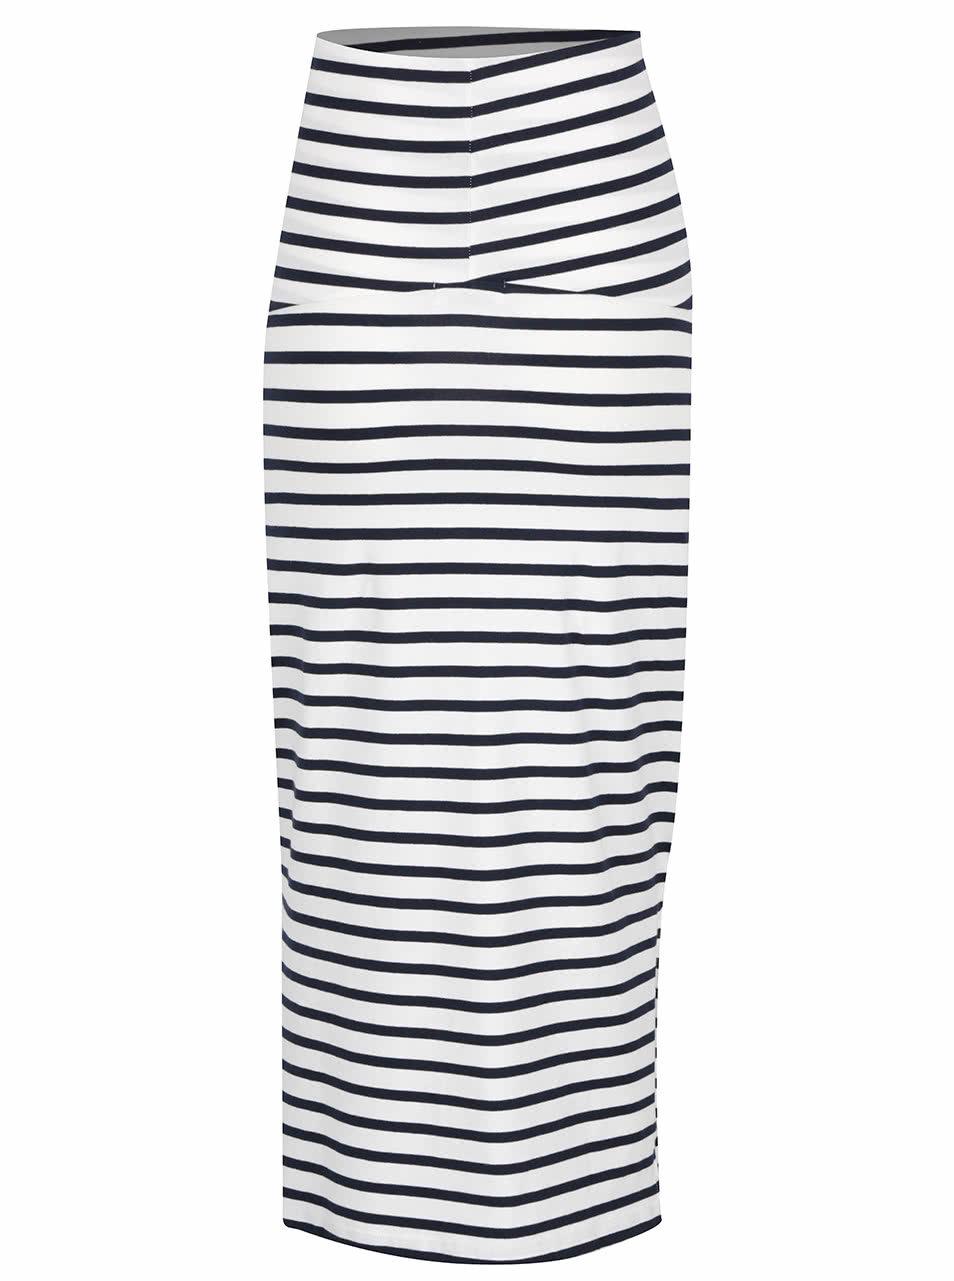 701efdc0868 Bílá pruhovaná těhotenská sukně Mama.licious Lea ...